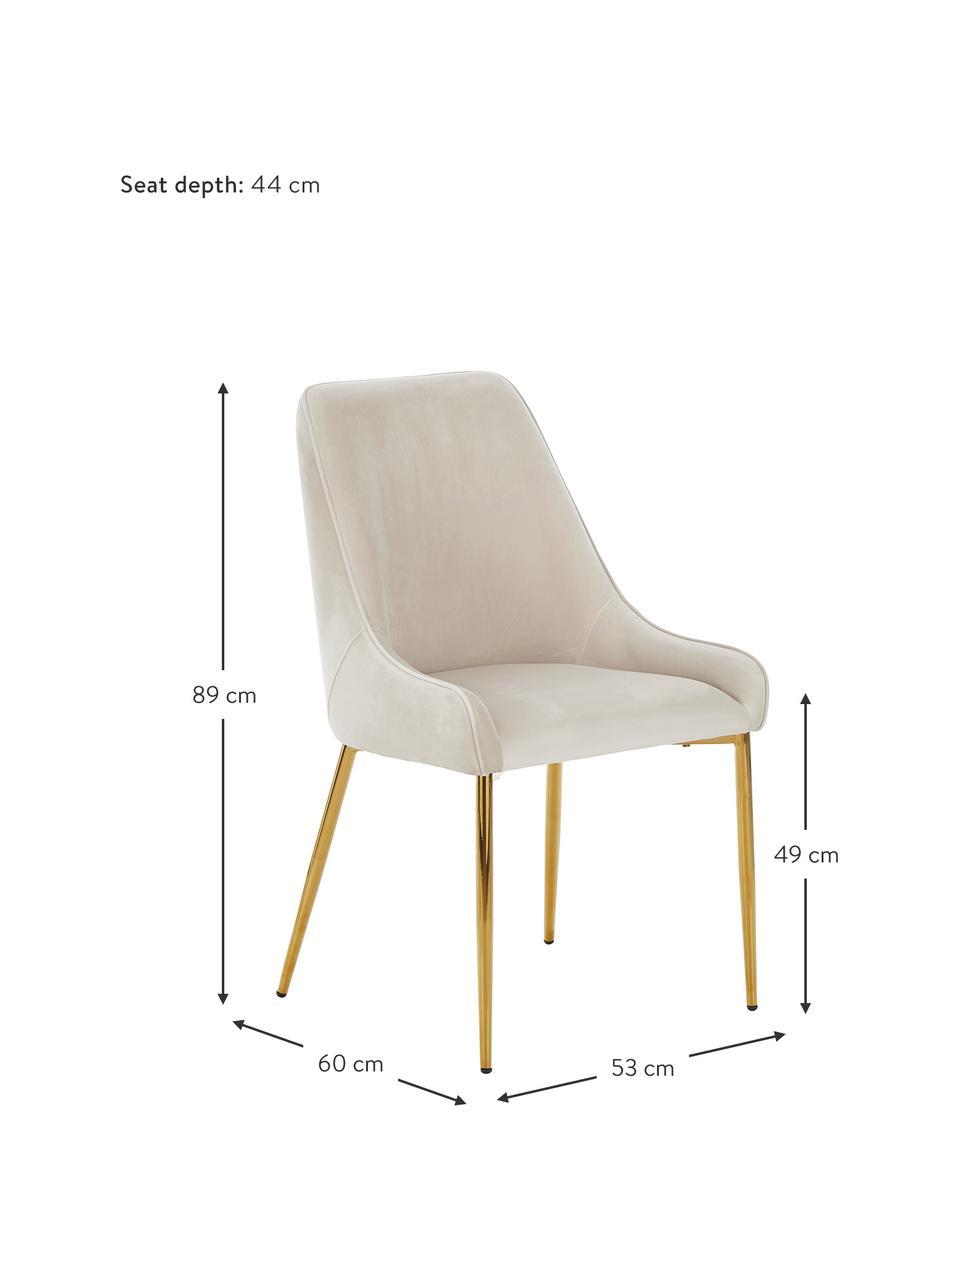 Samt-Polsterstuhl Ava in Beige, Bezug: Samt (100% Polyester) Der, Beine: Metall, Samt Beige, B 53 x T 60 cm